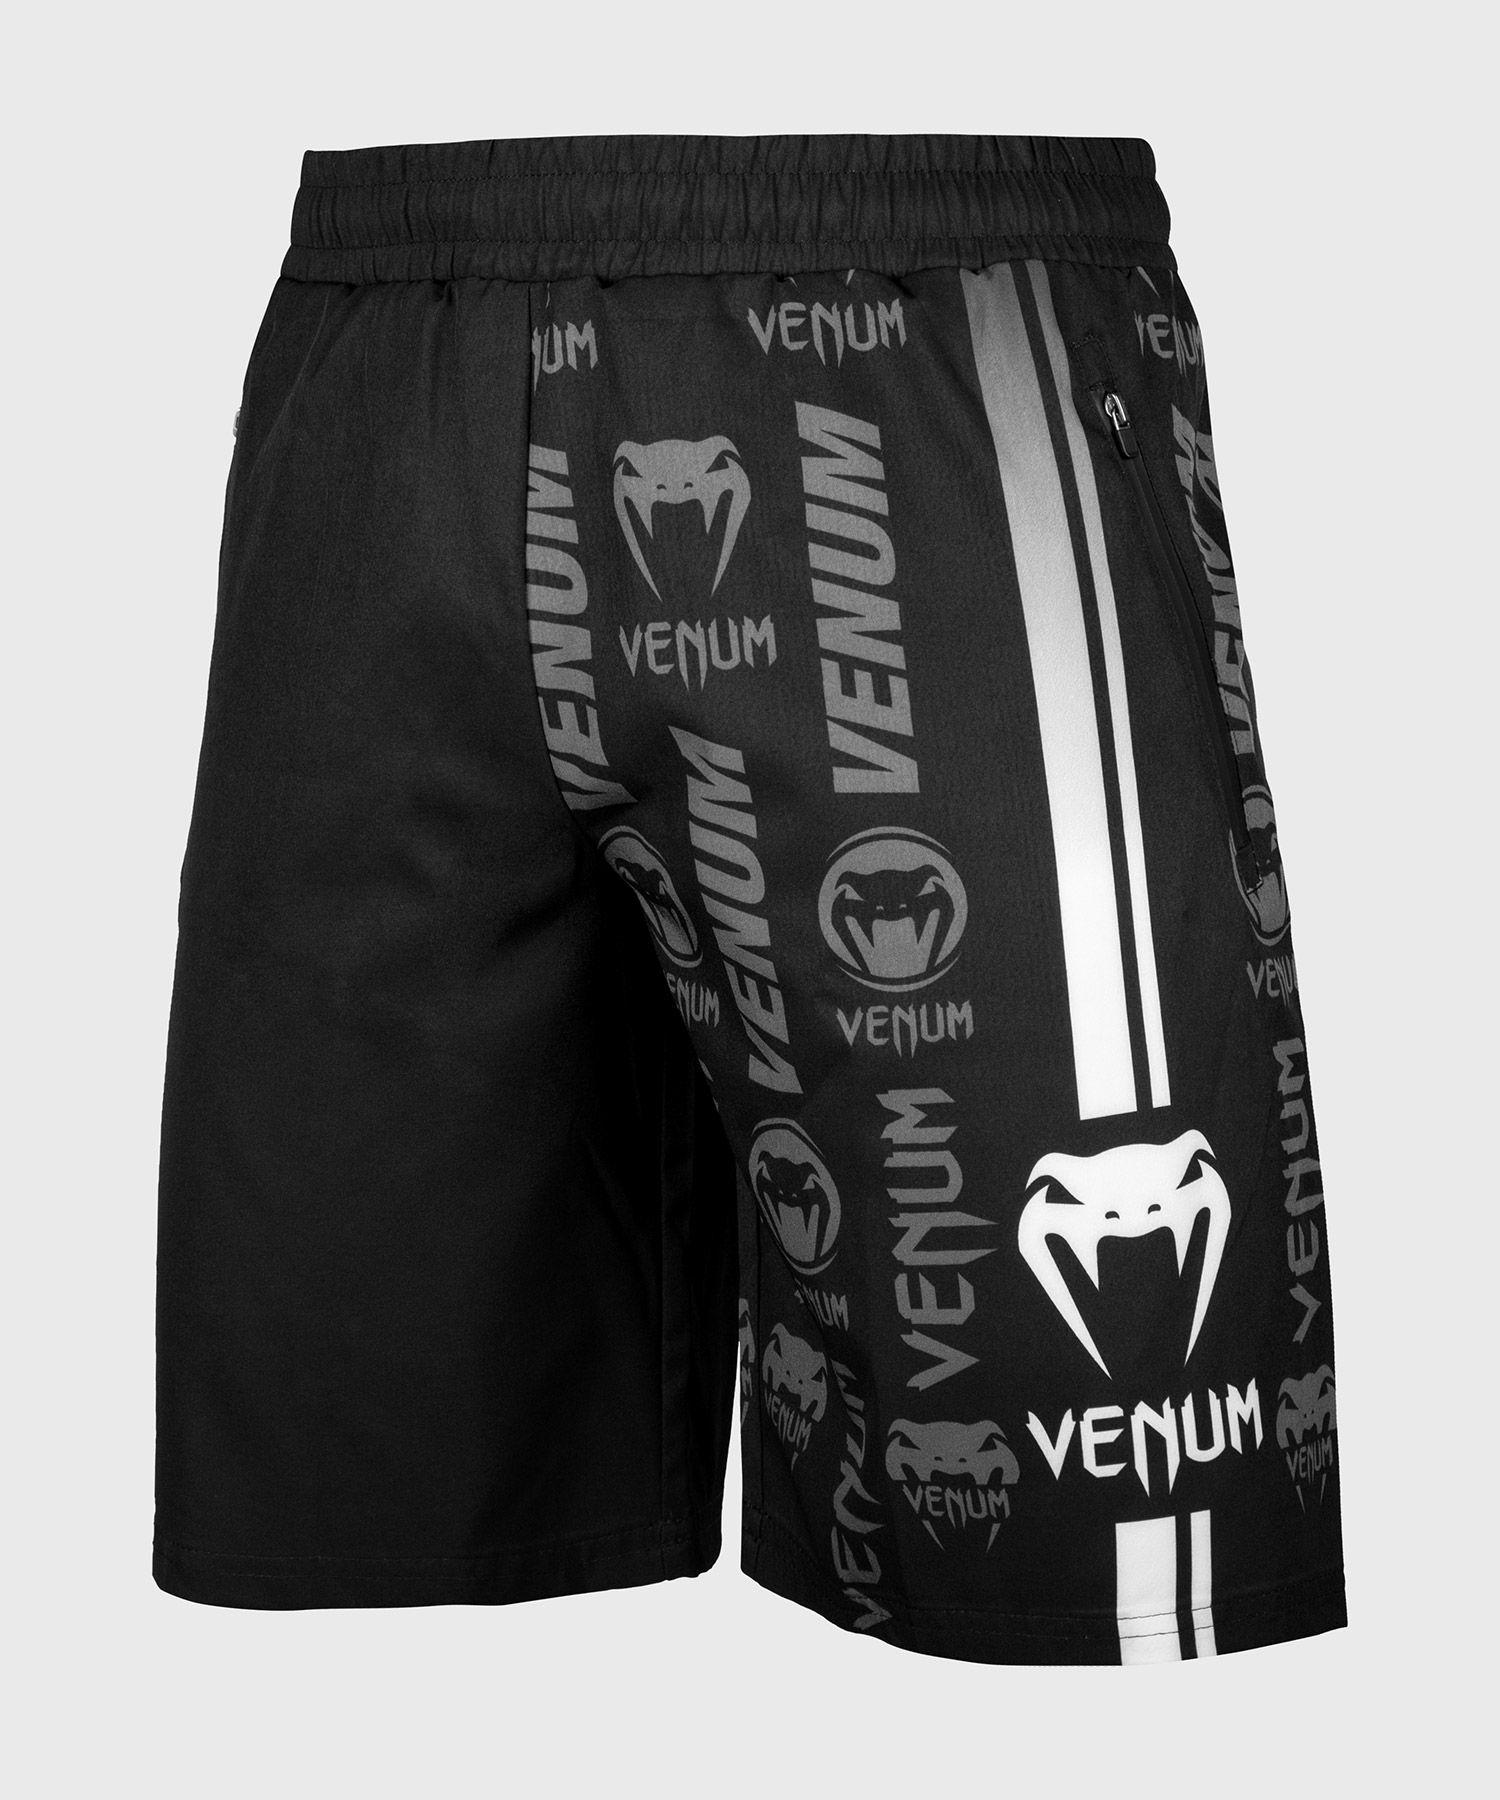 Pantaloncini Palestra Venum Logos - Neri/Bianchi